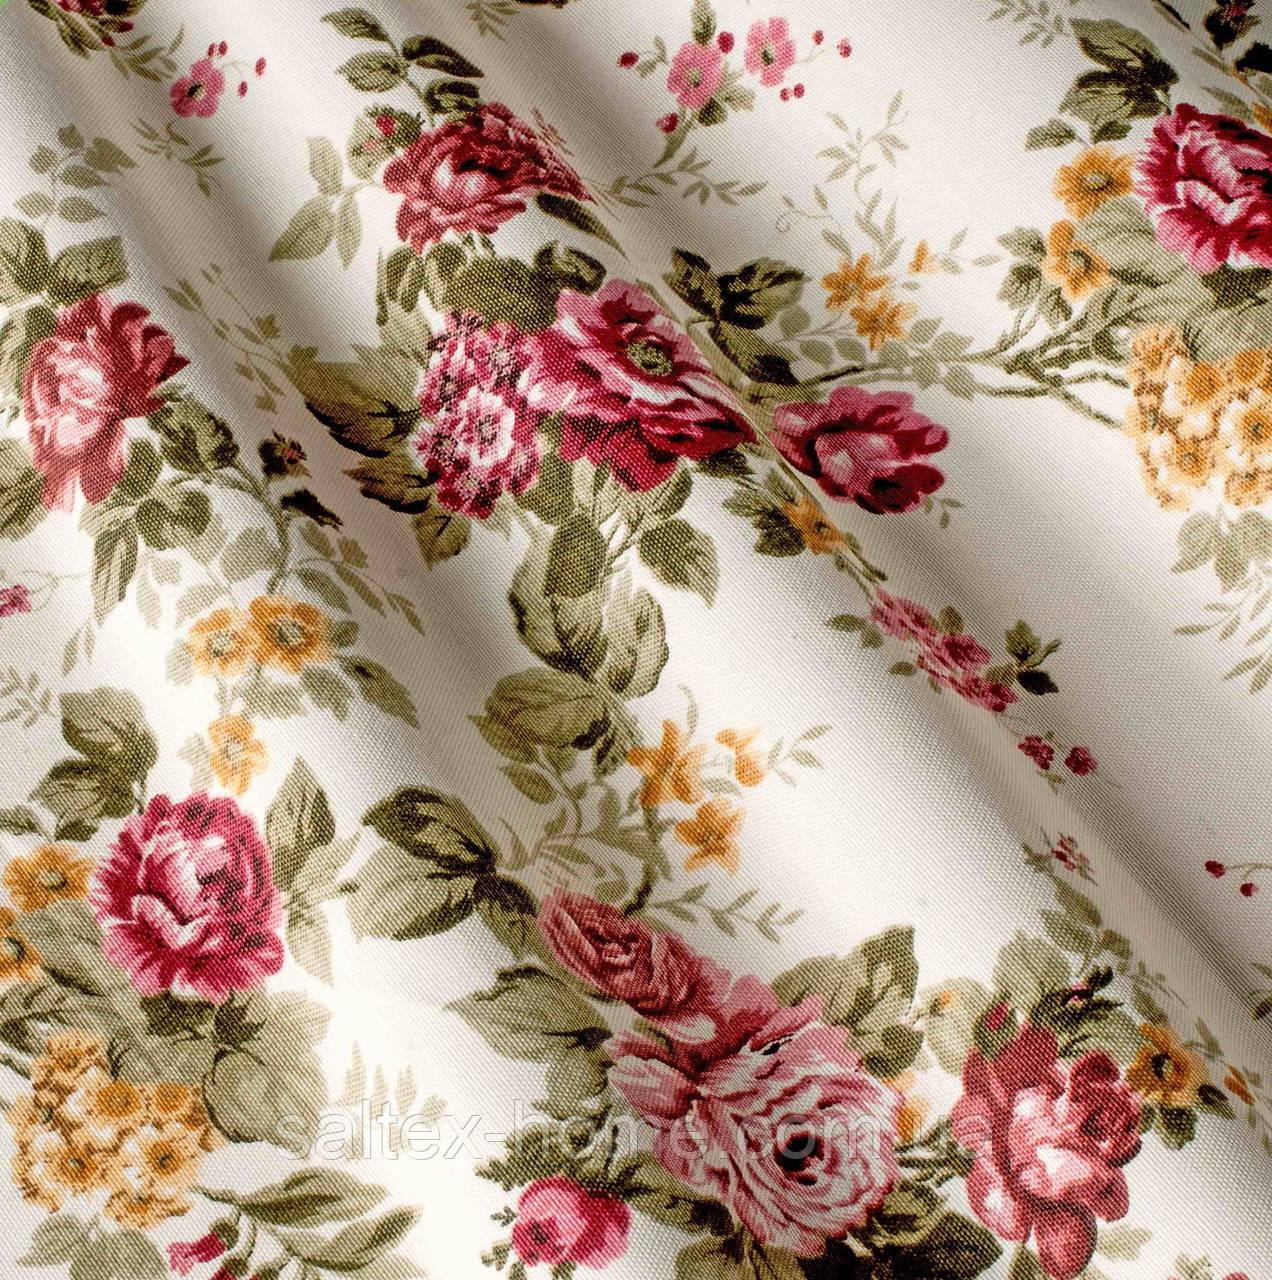 Ткань для римских штор с тефлоновым покрытием принт в стиле Прованс